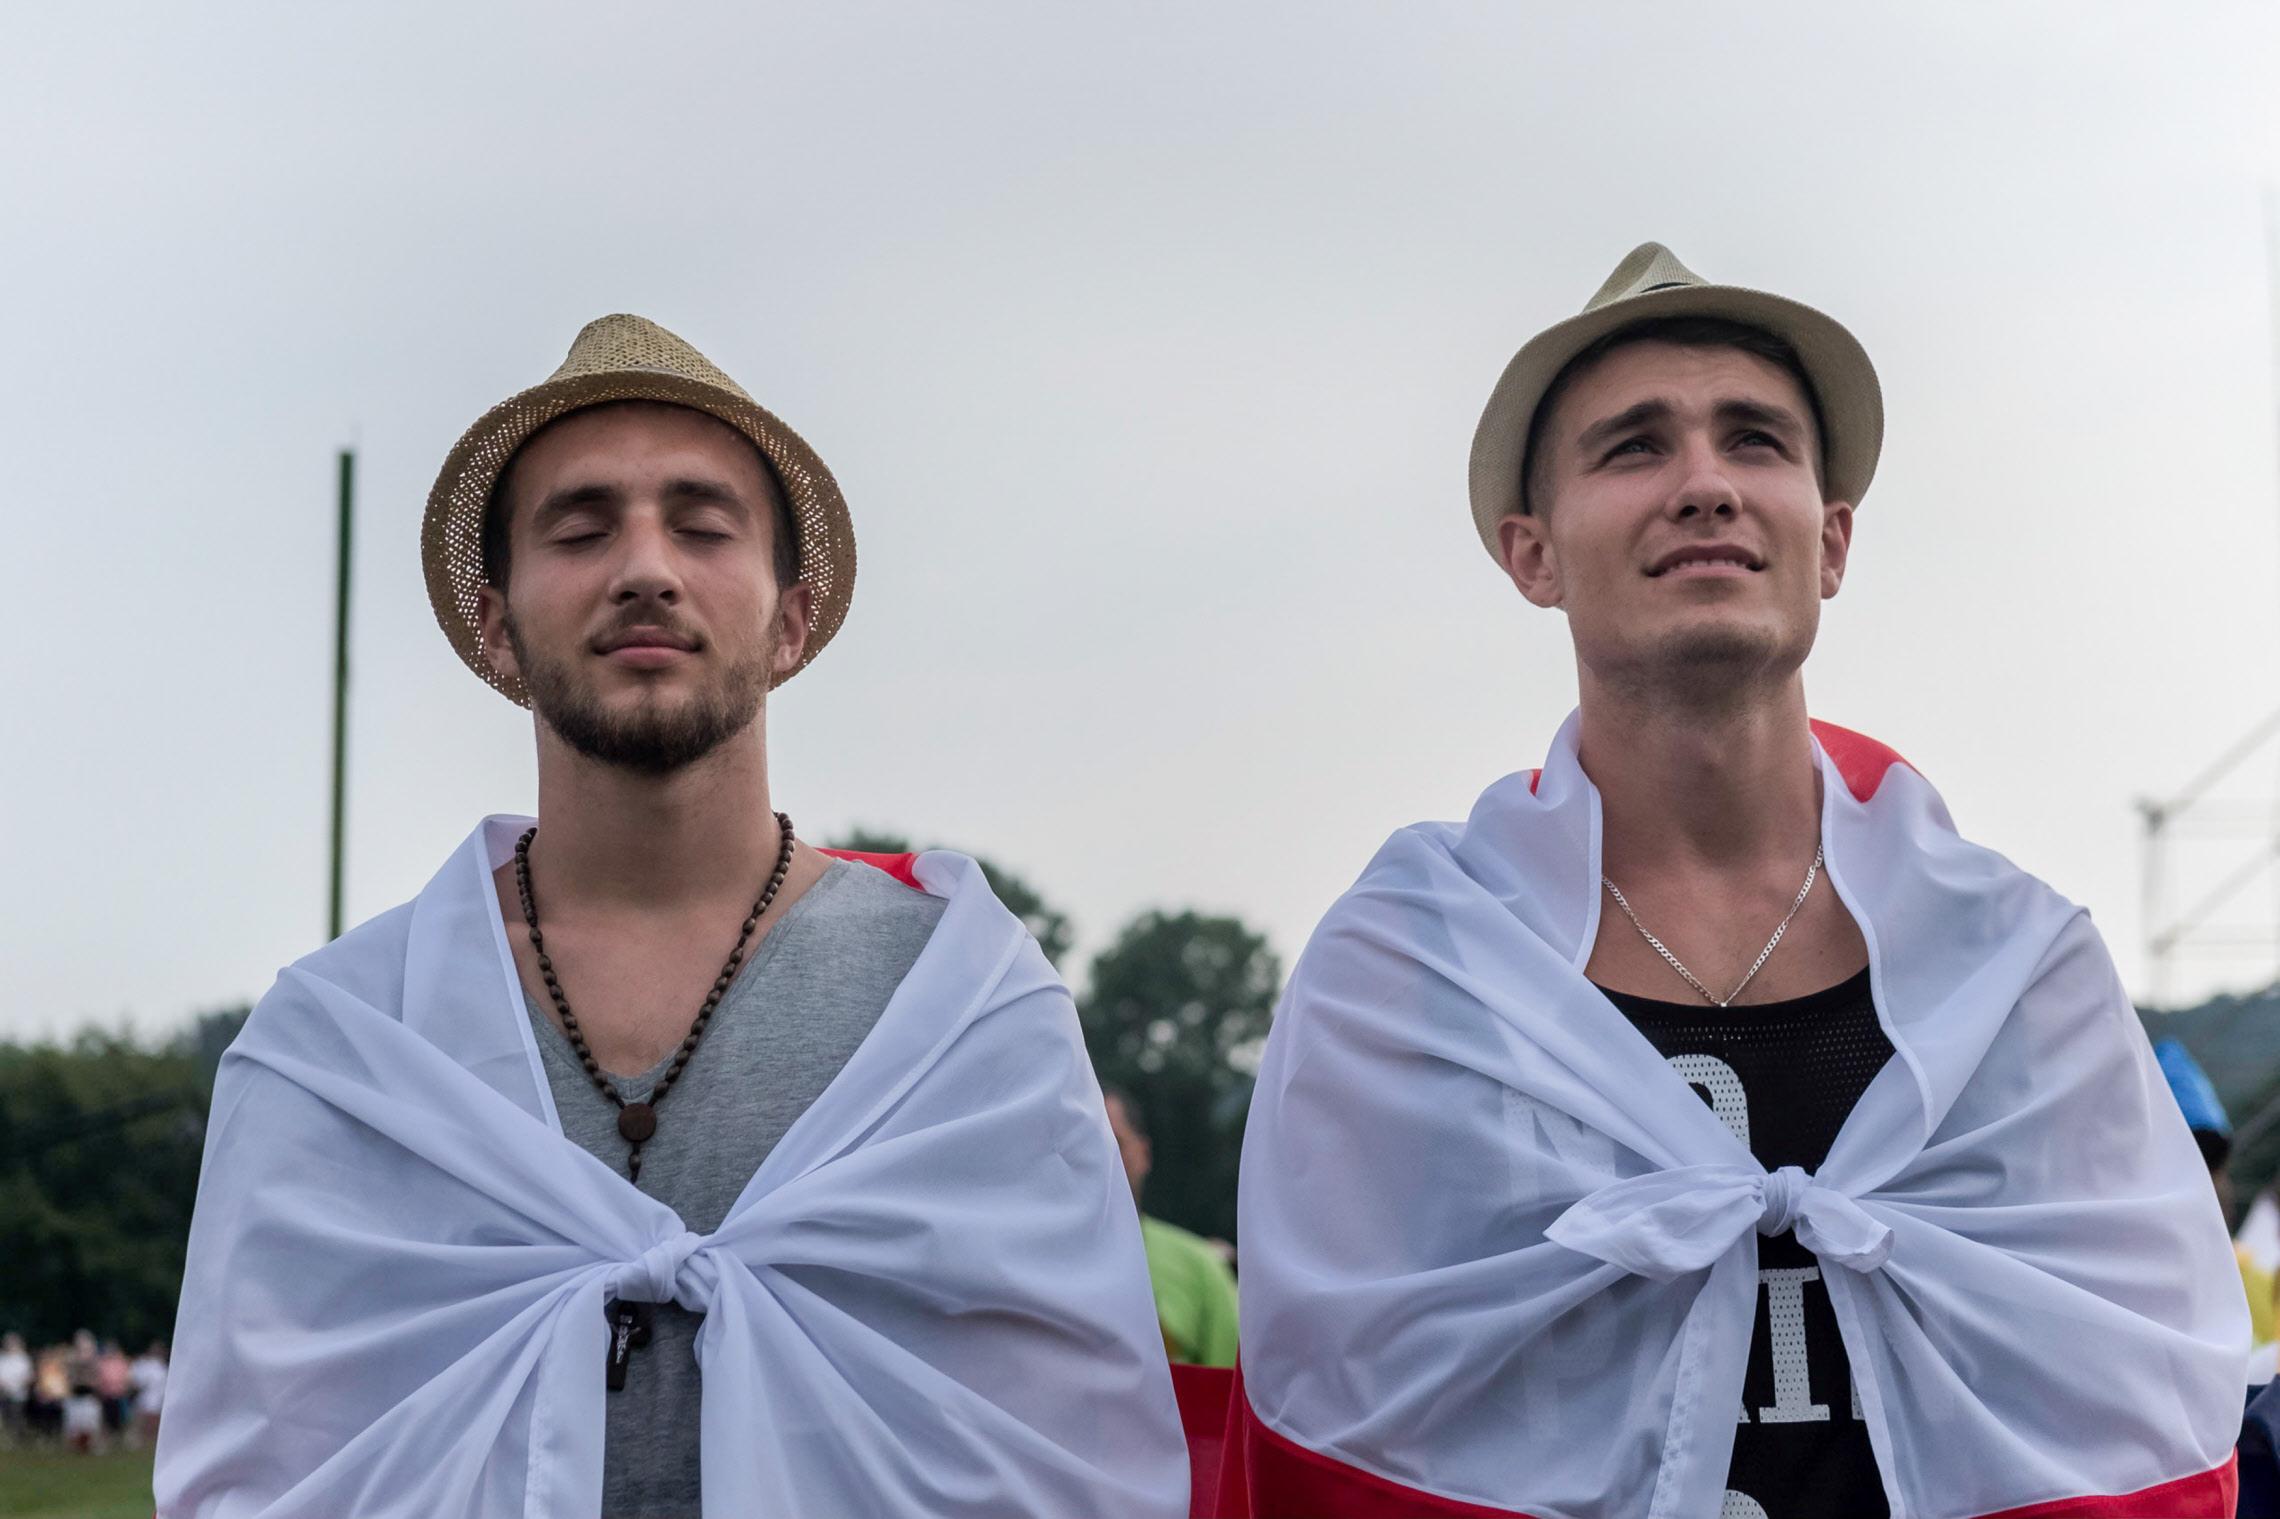 26 juillet 2016 : JMJ à Cracovie. Messe d'ouverture des JMJ dans le parc du Blonia à Cracovie, Pologne.